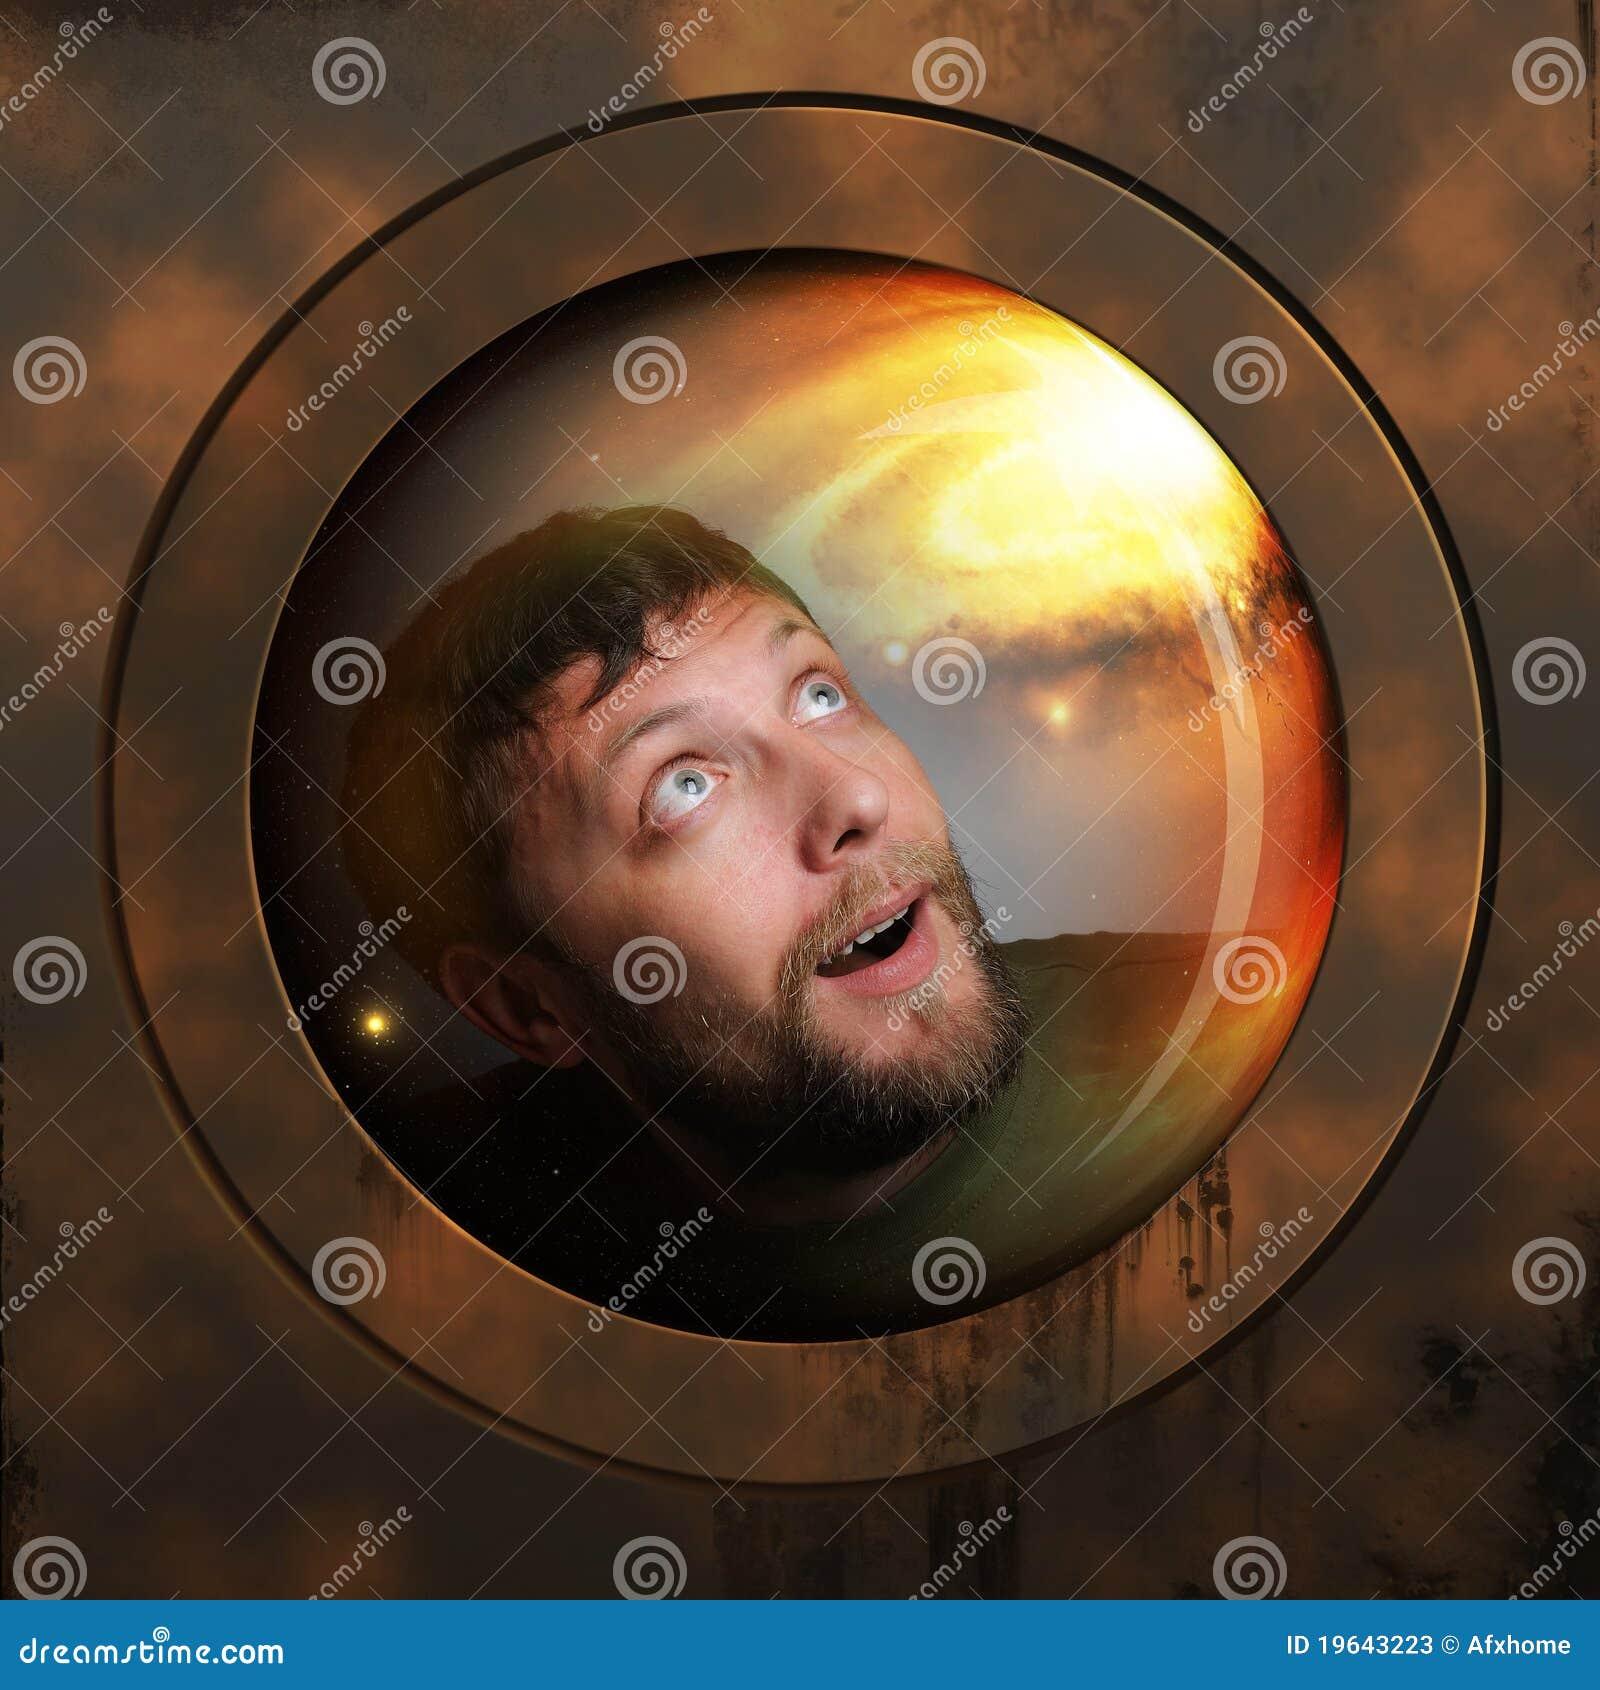 Portrait eines Raumfahrers in einem Raumschiff